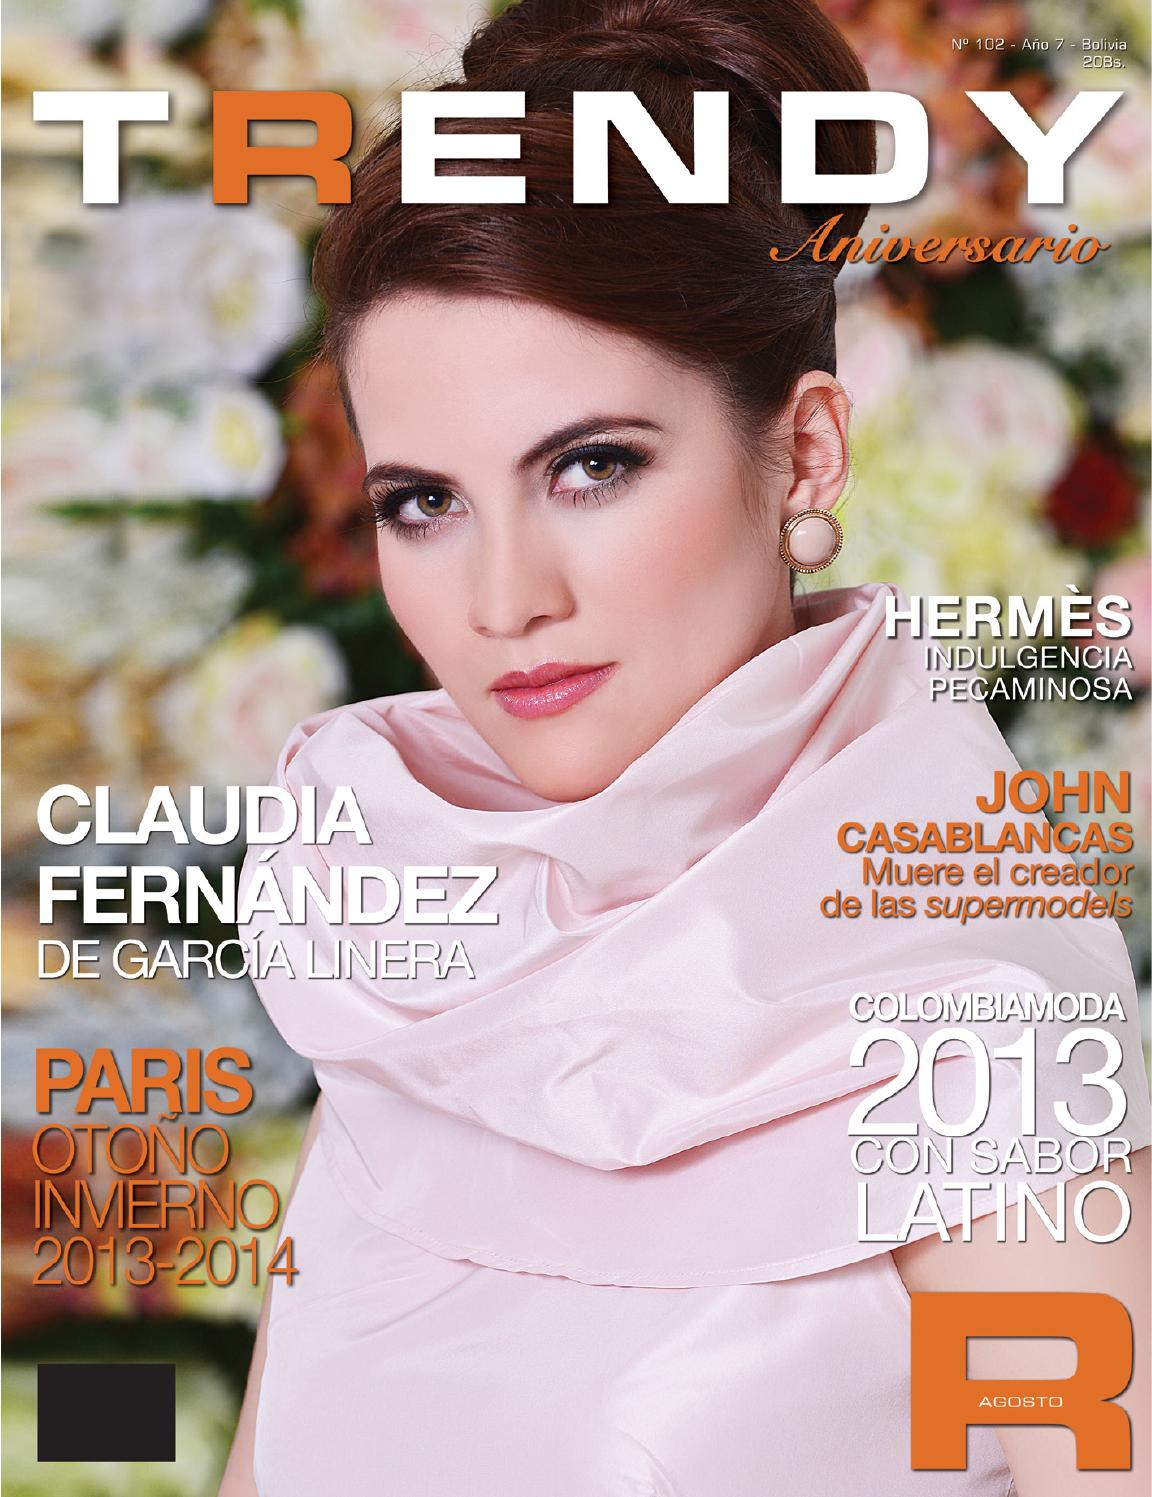 Trendy 102 by CARLOS PARDO - issuu